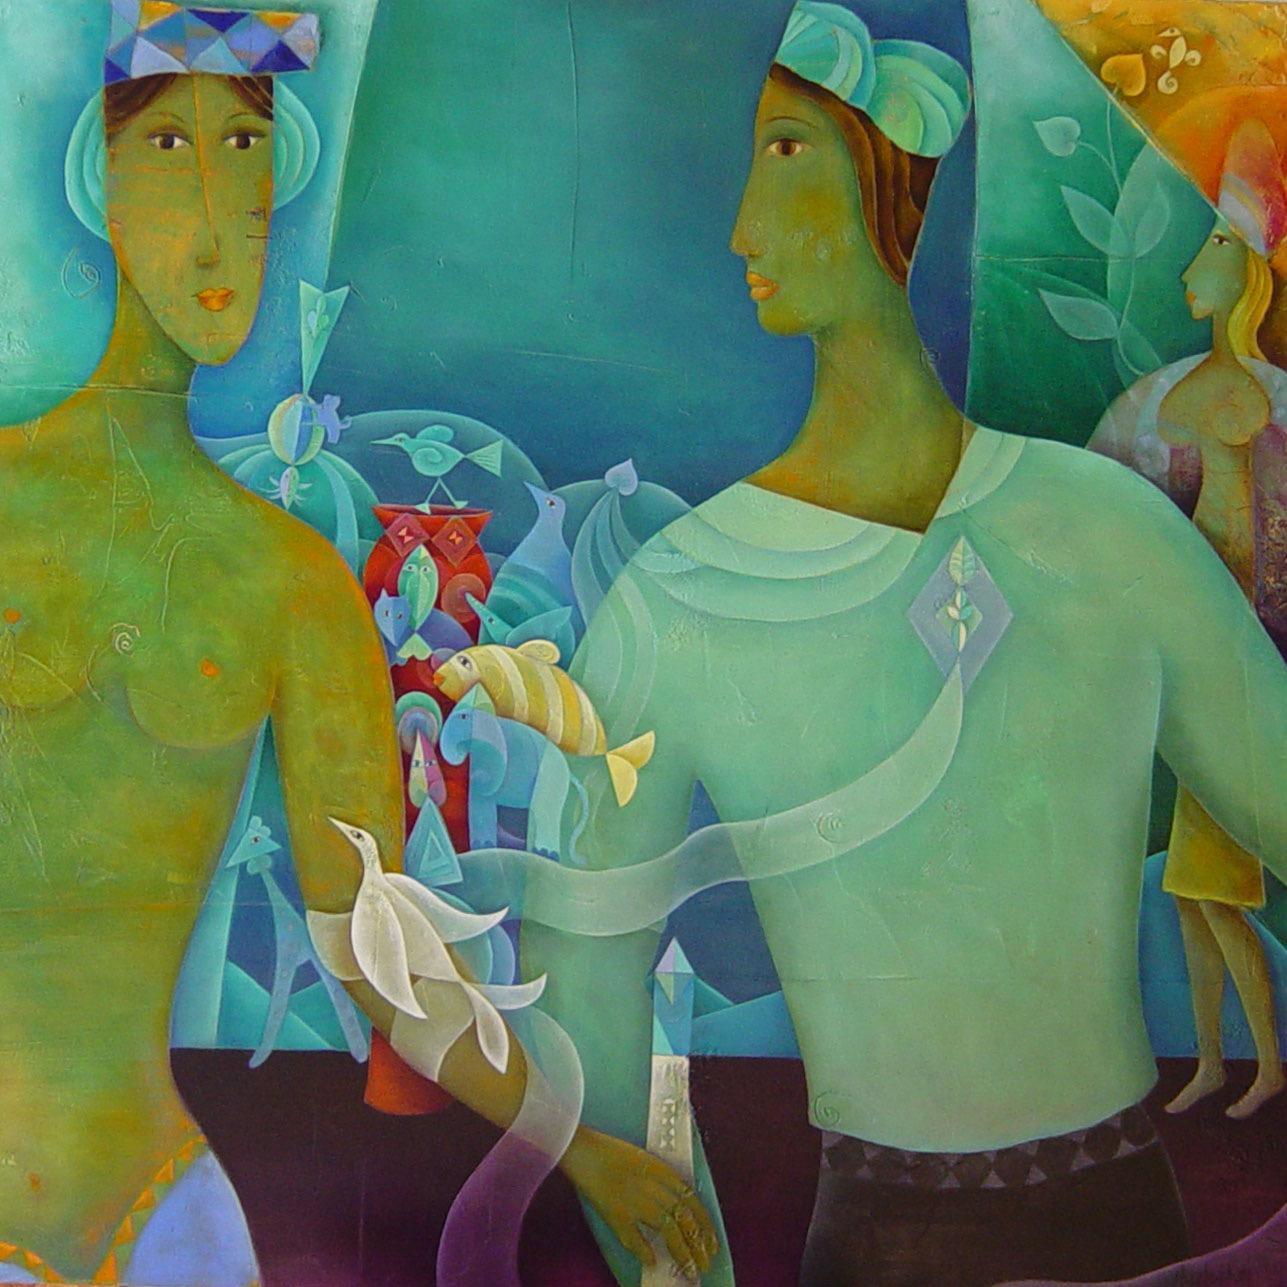 Symbole d'un rêve - 100 x 100 cm